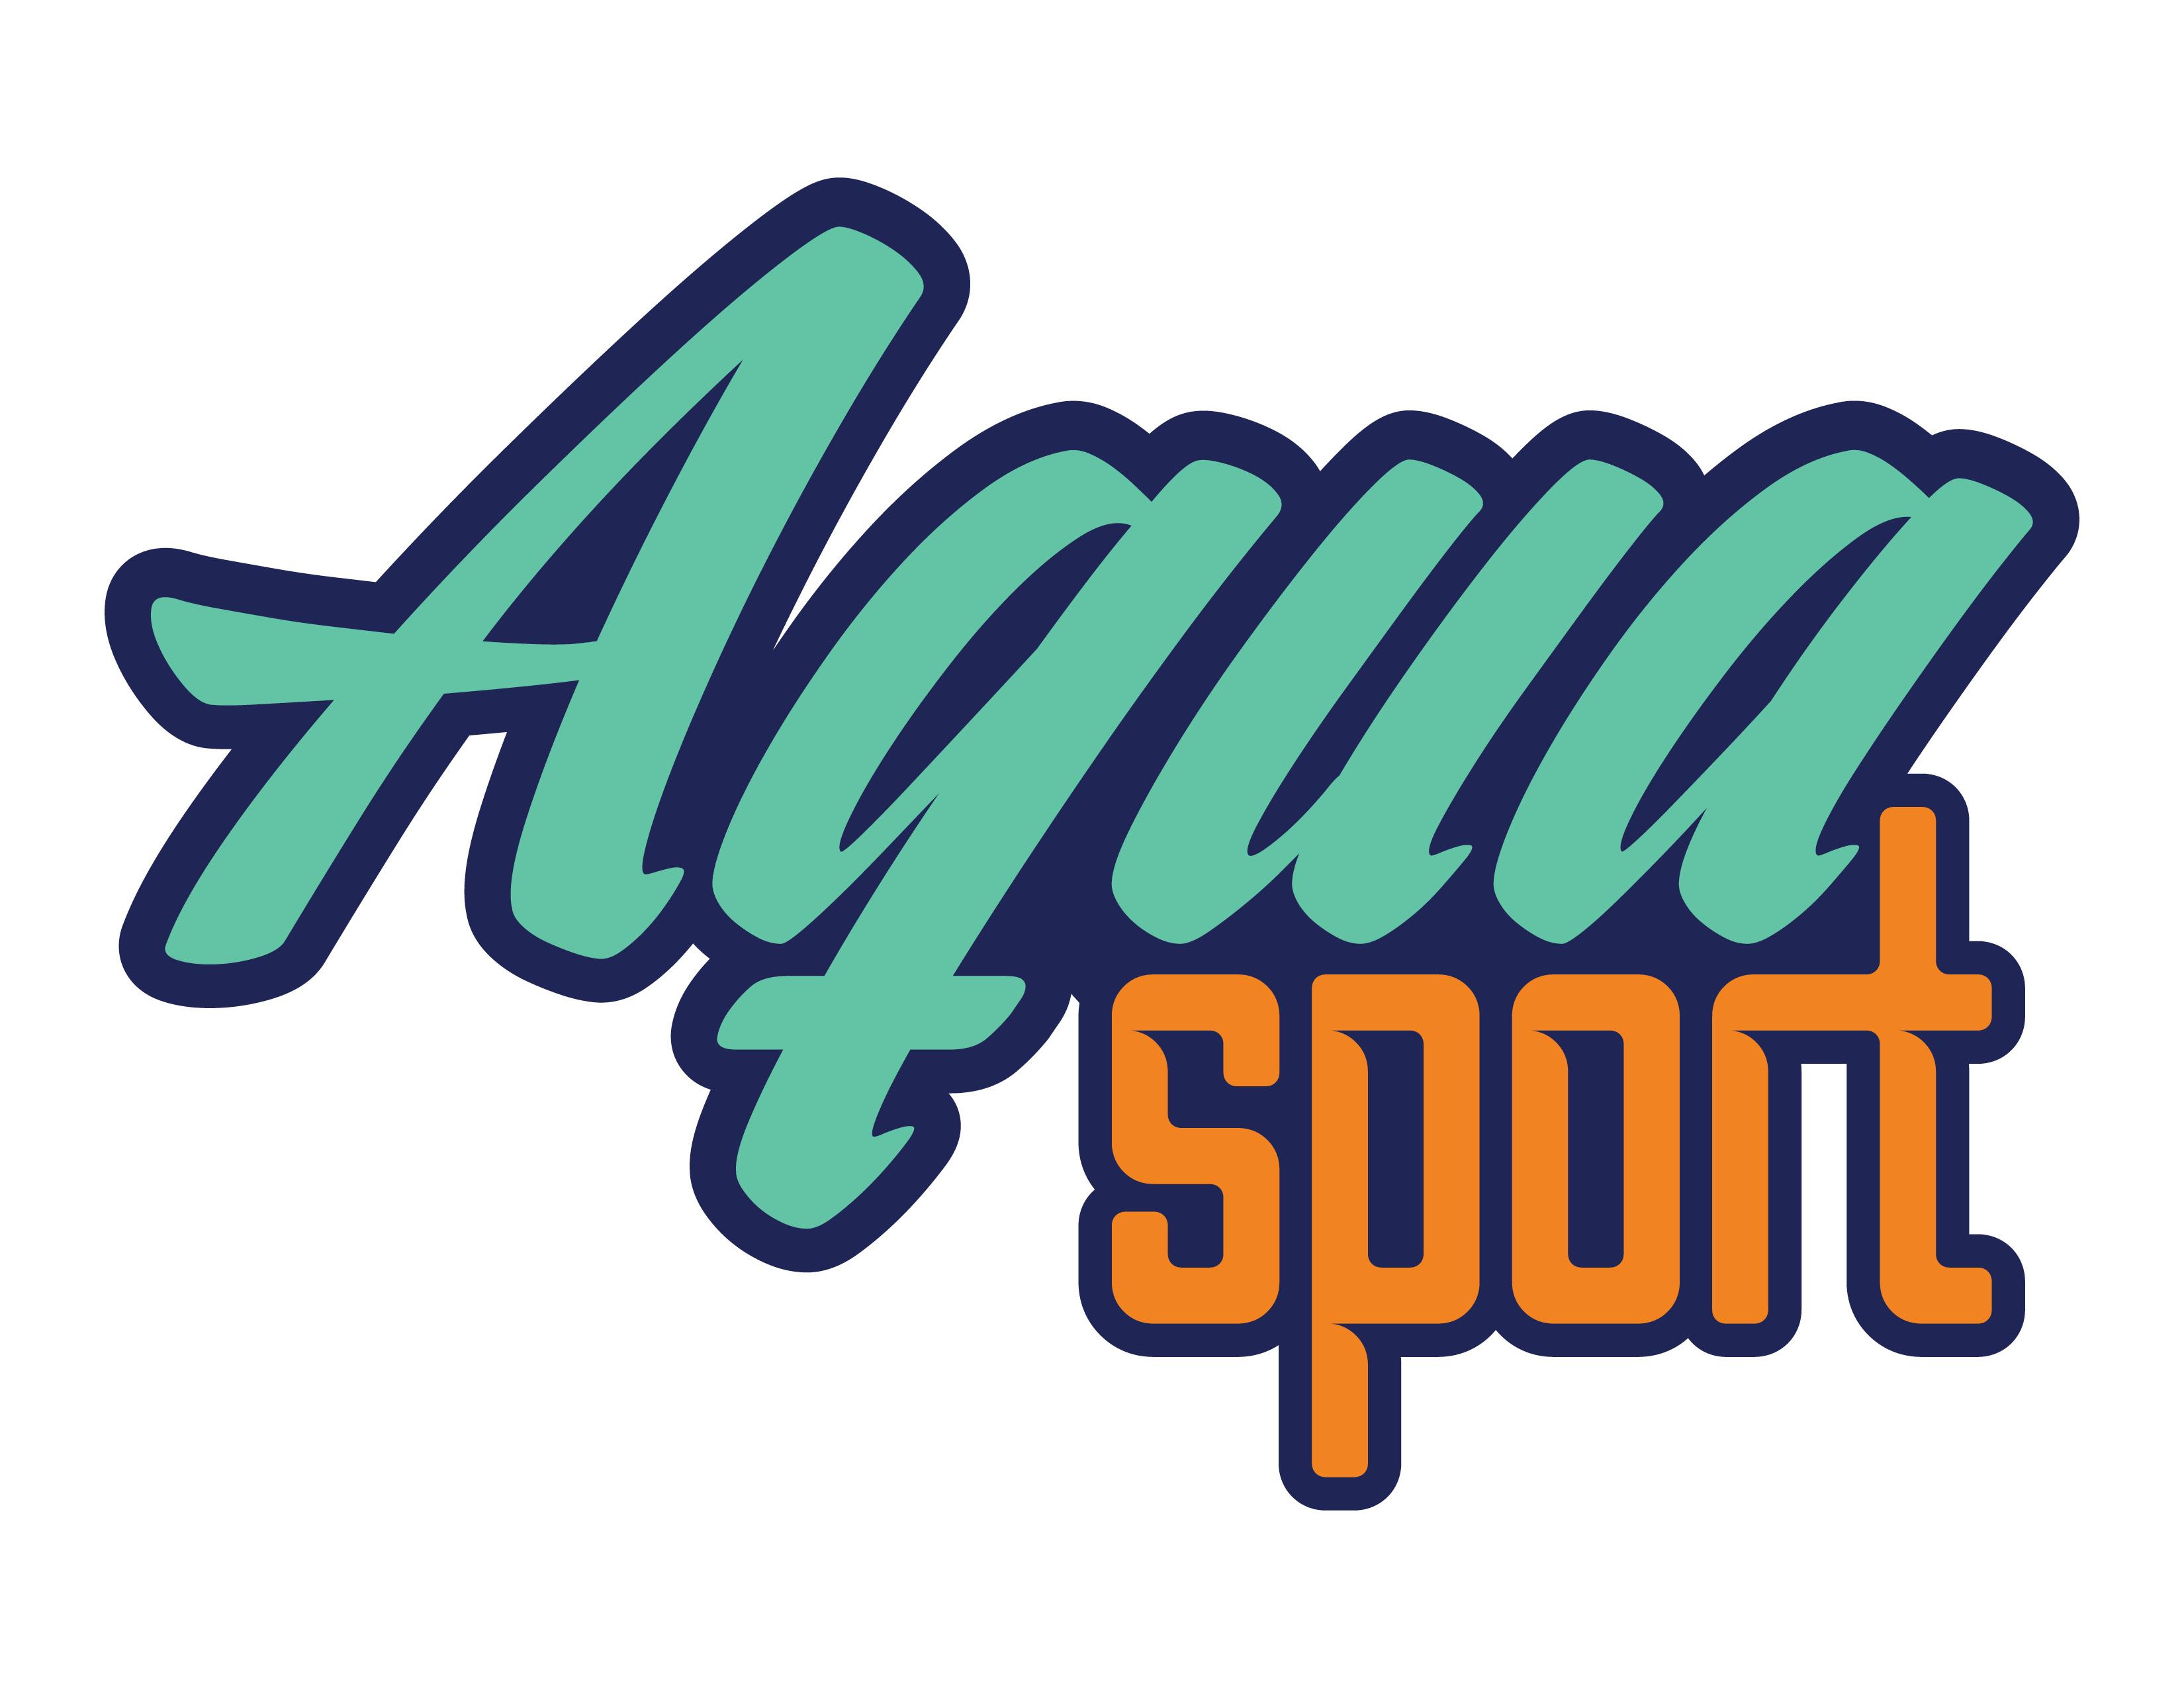 Aquasportgt